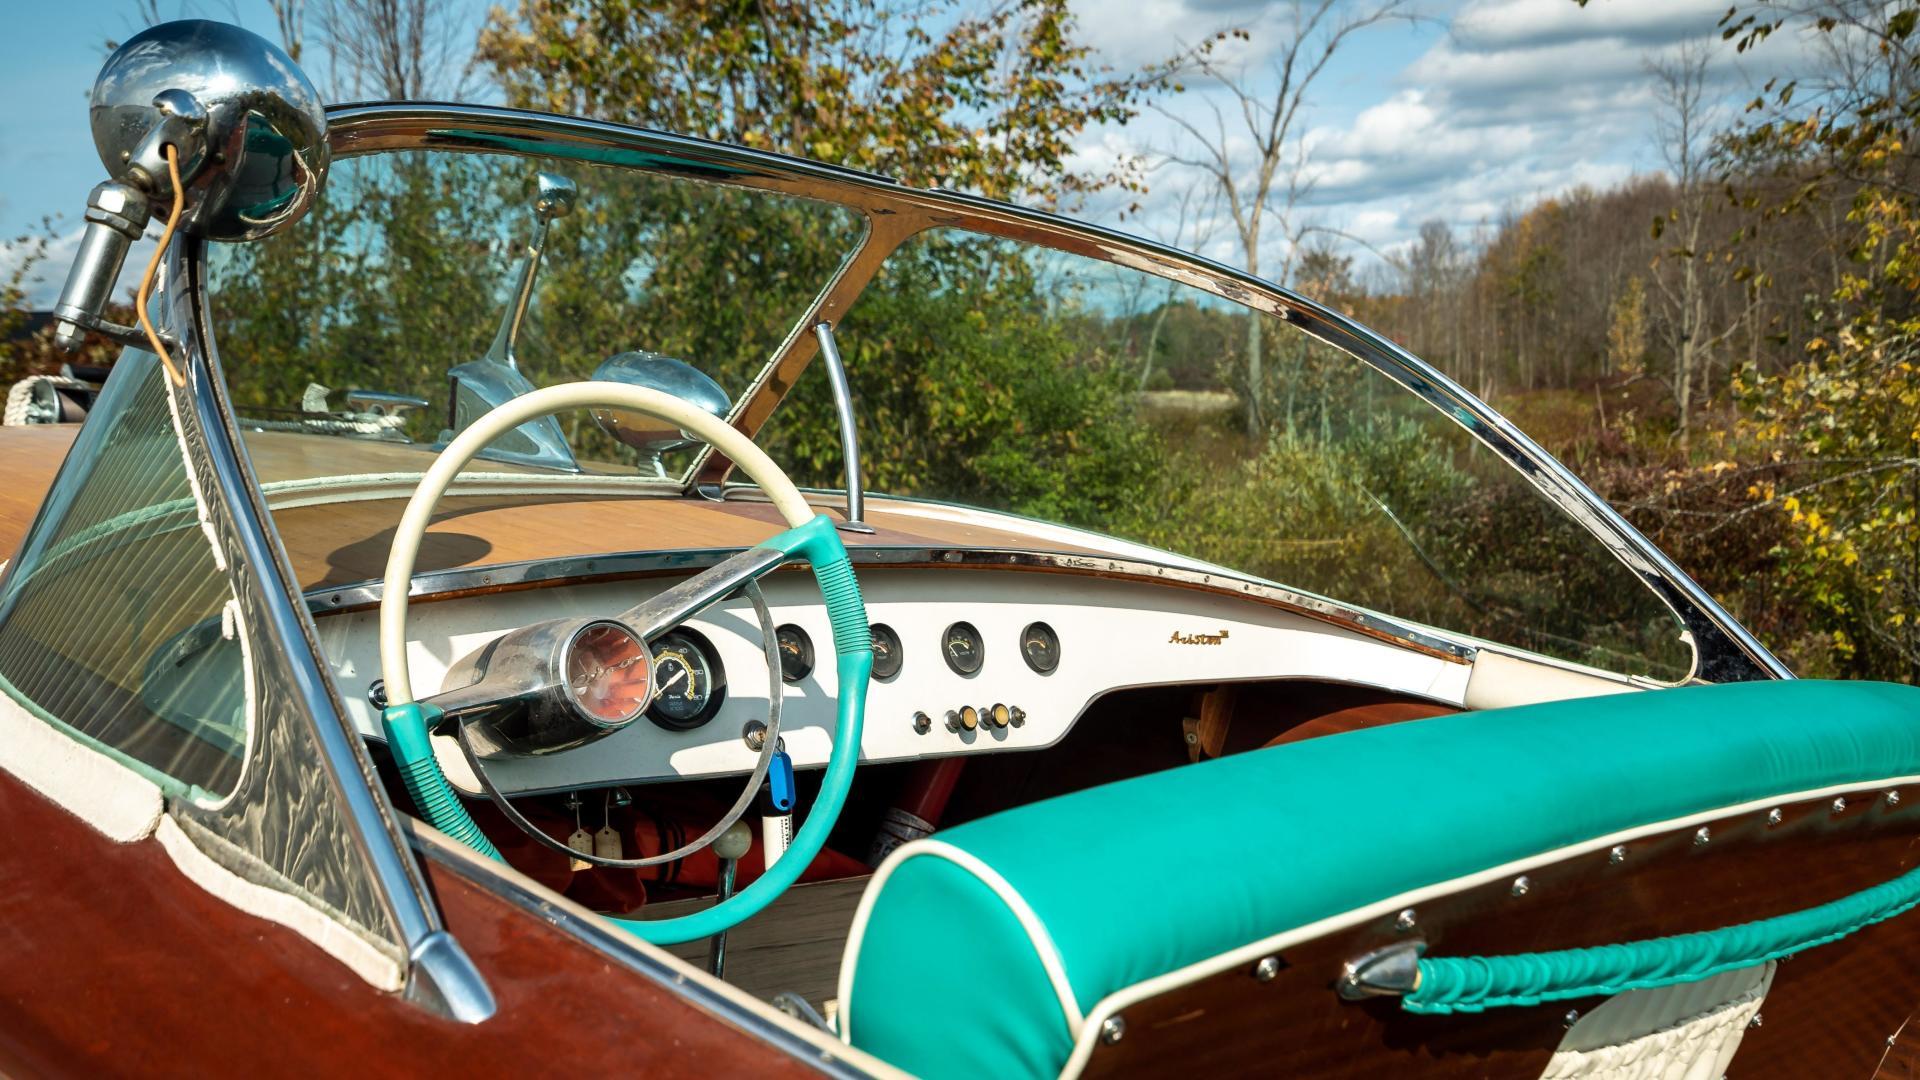 Riva-Ariston 1961-EMILIA Clayton-New York-United States-1536133 | Thumbnail